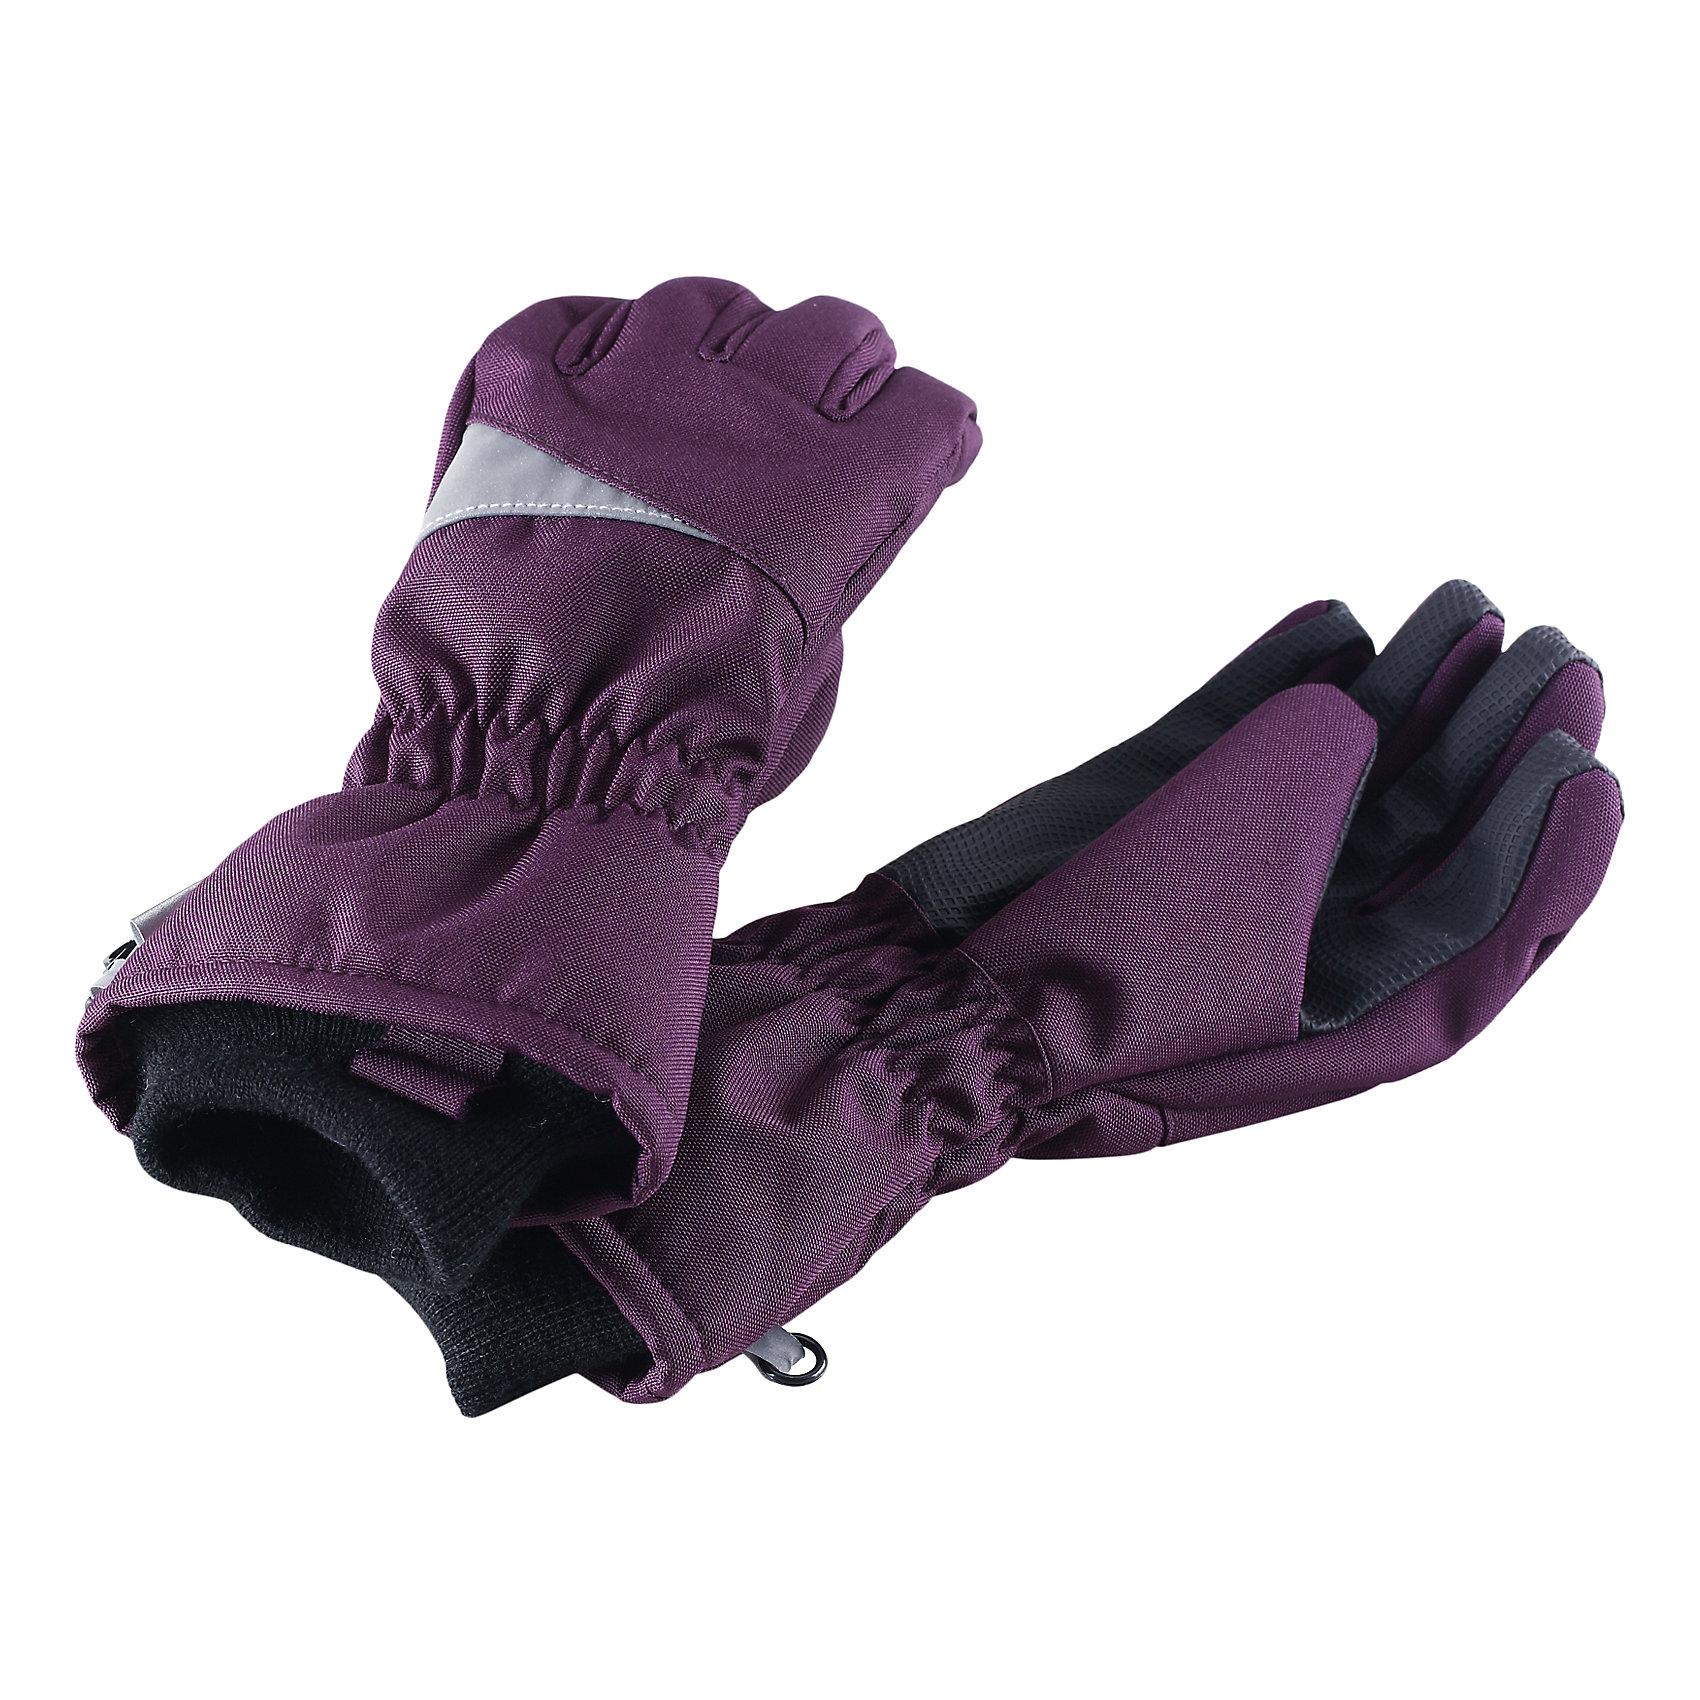 Перчатки LASSIEПерчатки и варежки<br>Зимние перчатки для детей Lassietec®.<br><br>- Сверхпрочный материал. Водонепроницаемая вставка. Водо- и ветронепроницаемый «дышащий» материал.<br>- Накладки на ладонях и больших пальцах.<br>- Подкладка из полиэстера с начесом. <br>- Средняя степень утепления.<br>-  Безопасные светоотражающие детали. Светоотражающая эмблема Lassie®.<br><br> Рекомендации по уходу: Полоскать без специального средства. Сушить при низкой температуре.<br><br> Состав: 100% Полиамид, полиуретановое покрытие.  Утеплитель «Lassie wadding» 120гр.<br><br>Ширина мм: 162<br>Глубина мм: 171<br>Высота мм: 55<br>Вес г: 119<br>Цвет: фиолетовый<br>Возраст от месяцев: 120<br>Возраст до месяцев: 144<br>Пол: Женский<br>Возраст: Детский<br>Размер: 6,3,4,5<br>SKU: 4780583